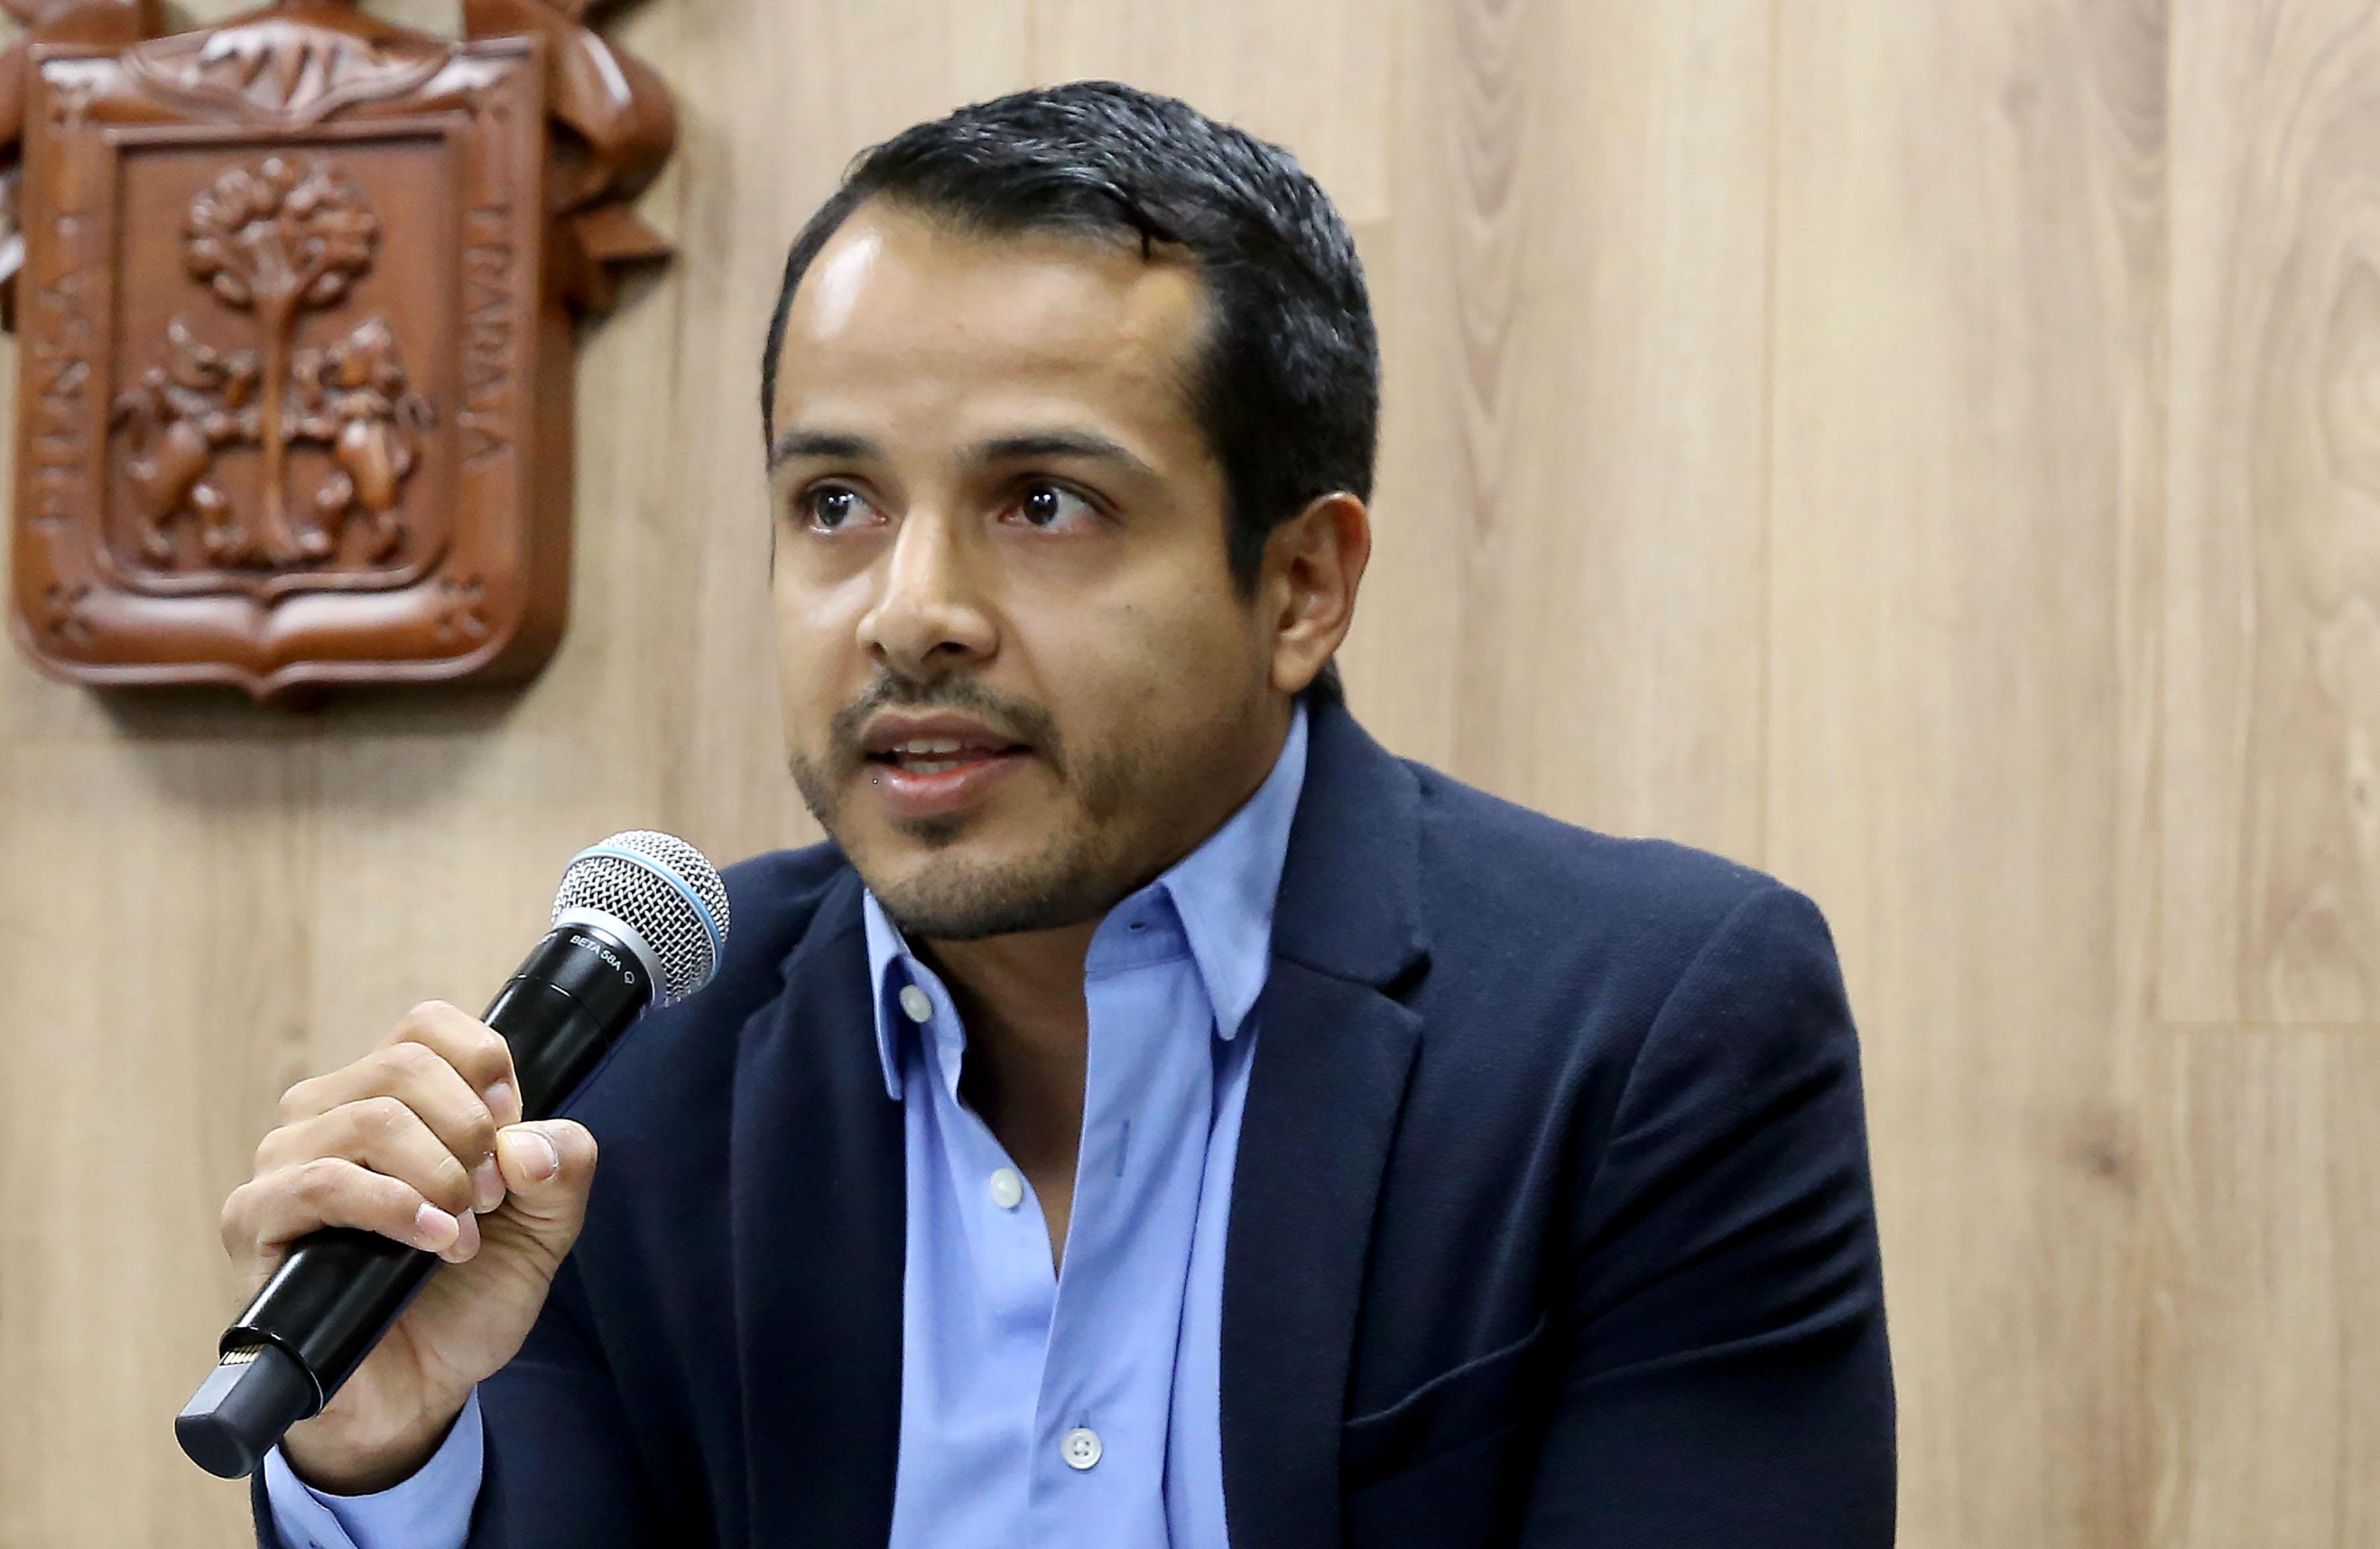 Dr. Gustavo Adolfo Rosales Chávez al micrófono